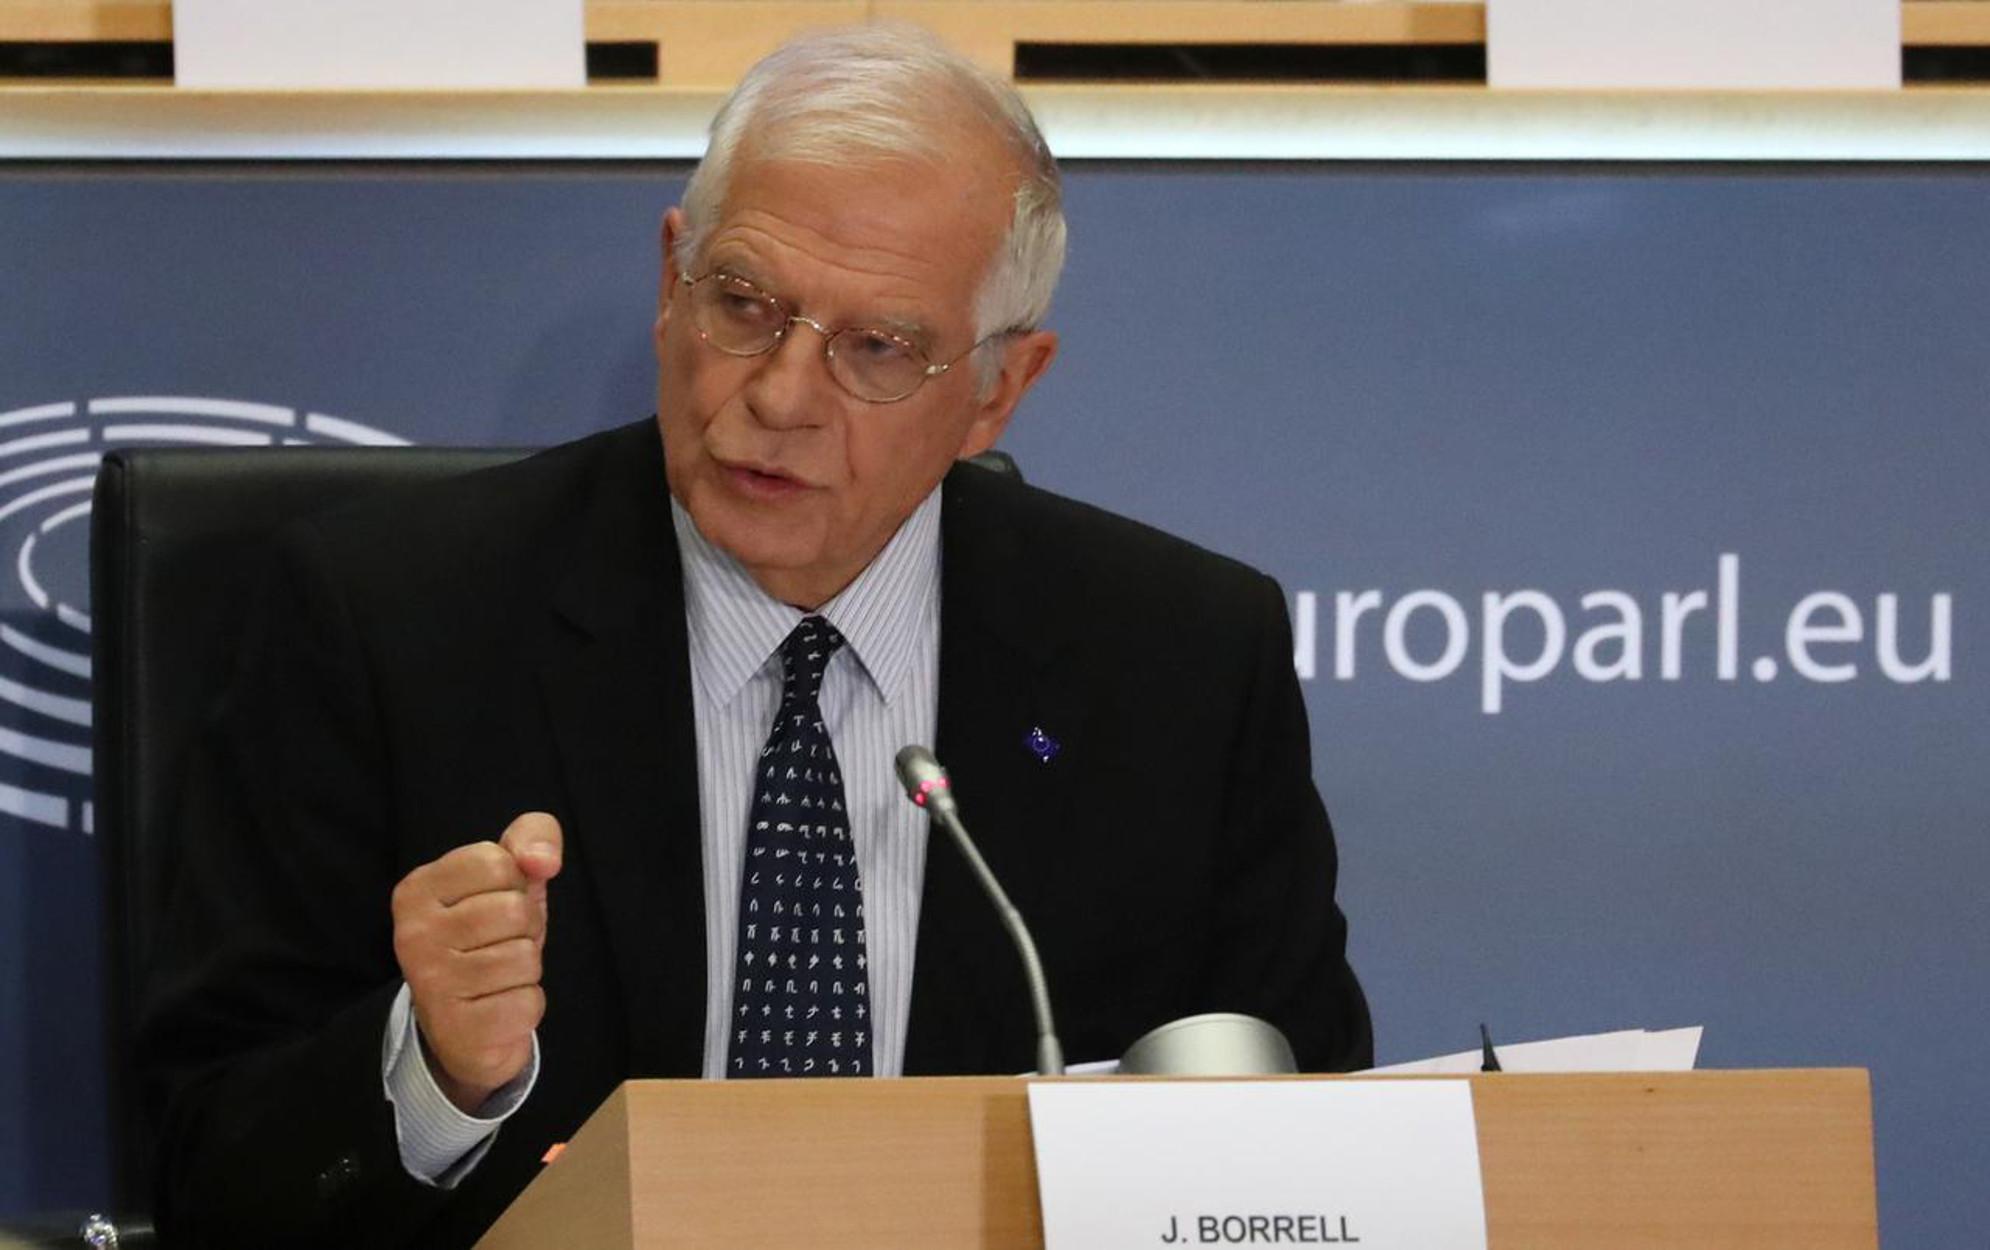 Μπορέλ: Η πειρατεία του αεροσκάφους της Ryanair και η σύλληψη Προτάσεβιτς ξεπέρασαν πολλές «κόκκινες γραμμές»